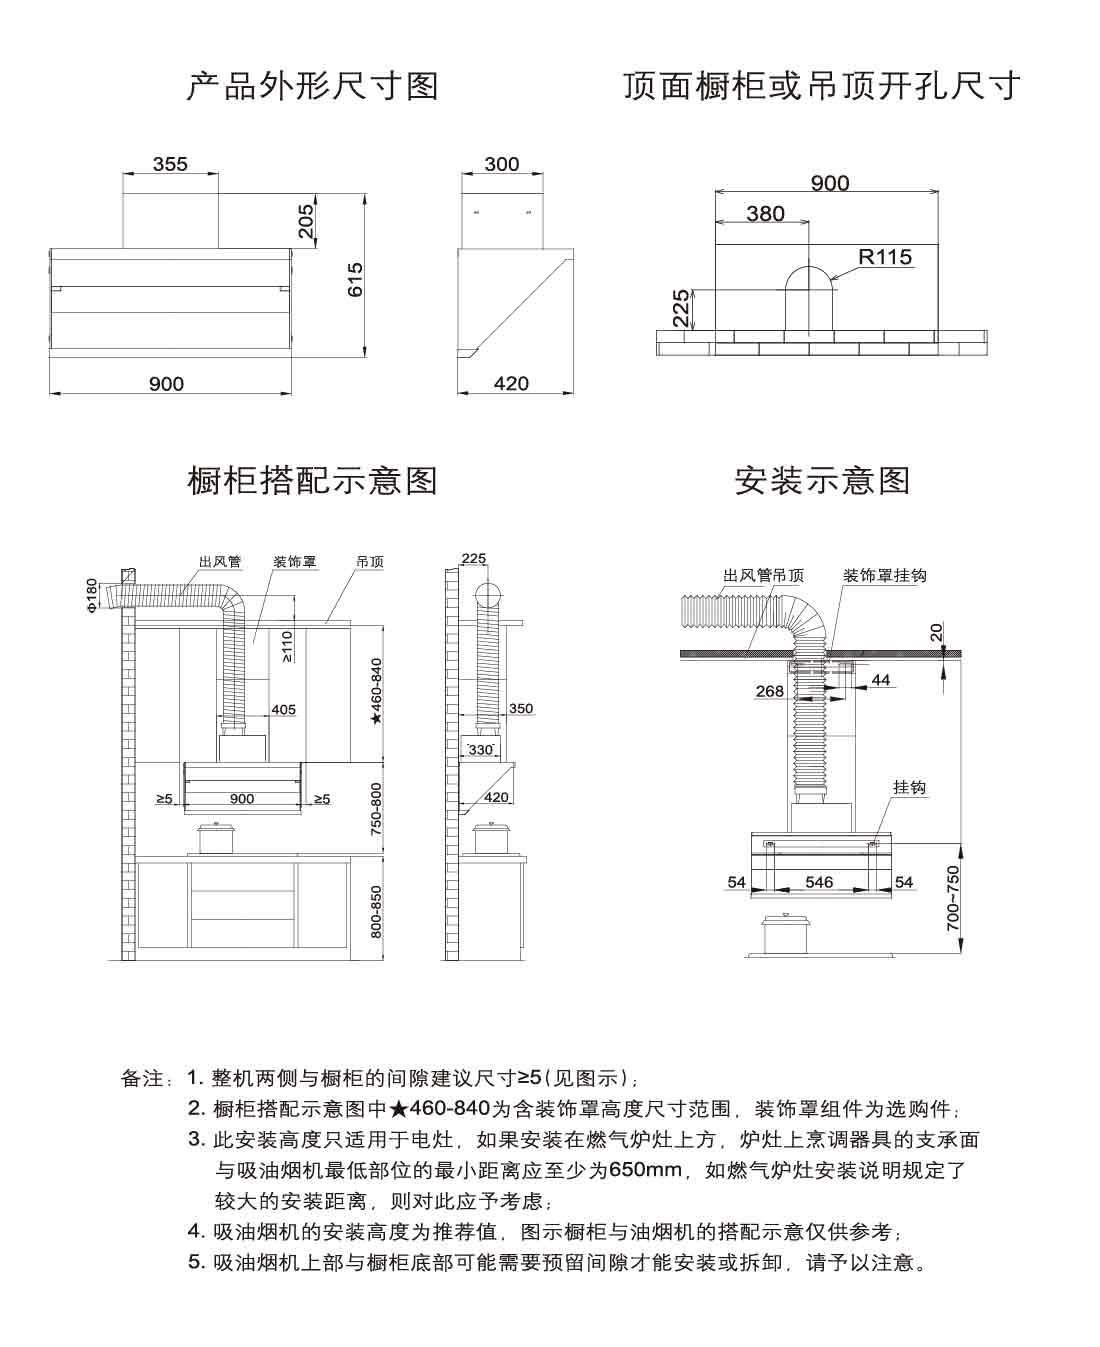 彩28彩票CXW-200-JQ23TS装置表示图